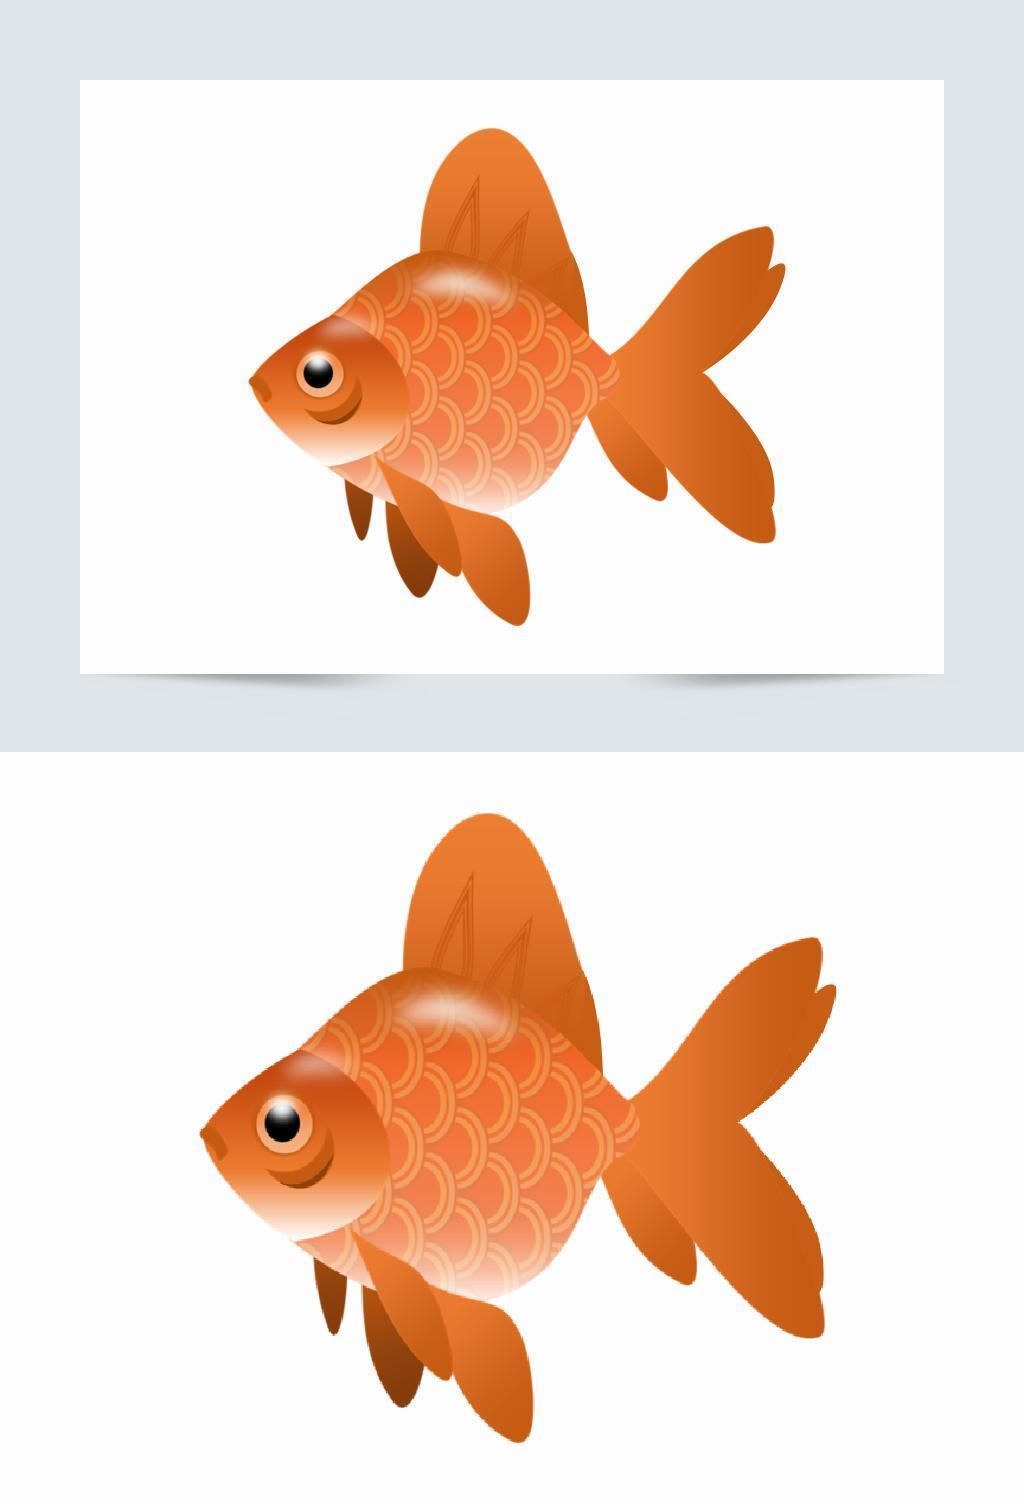 创意可爱卡通手绘鲤鱼